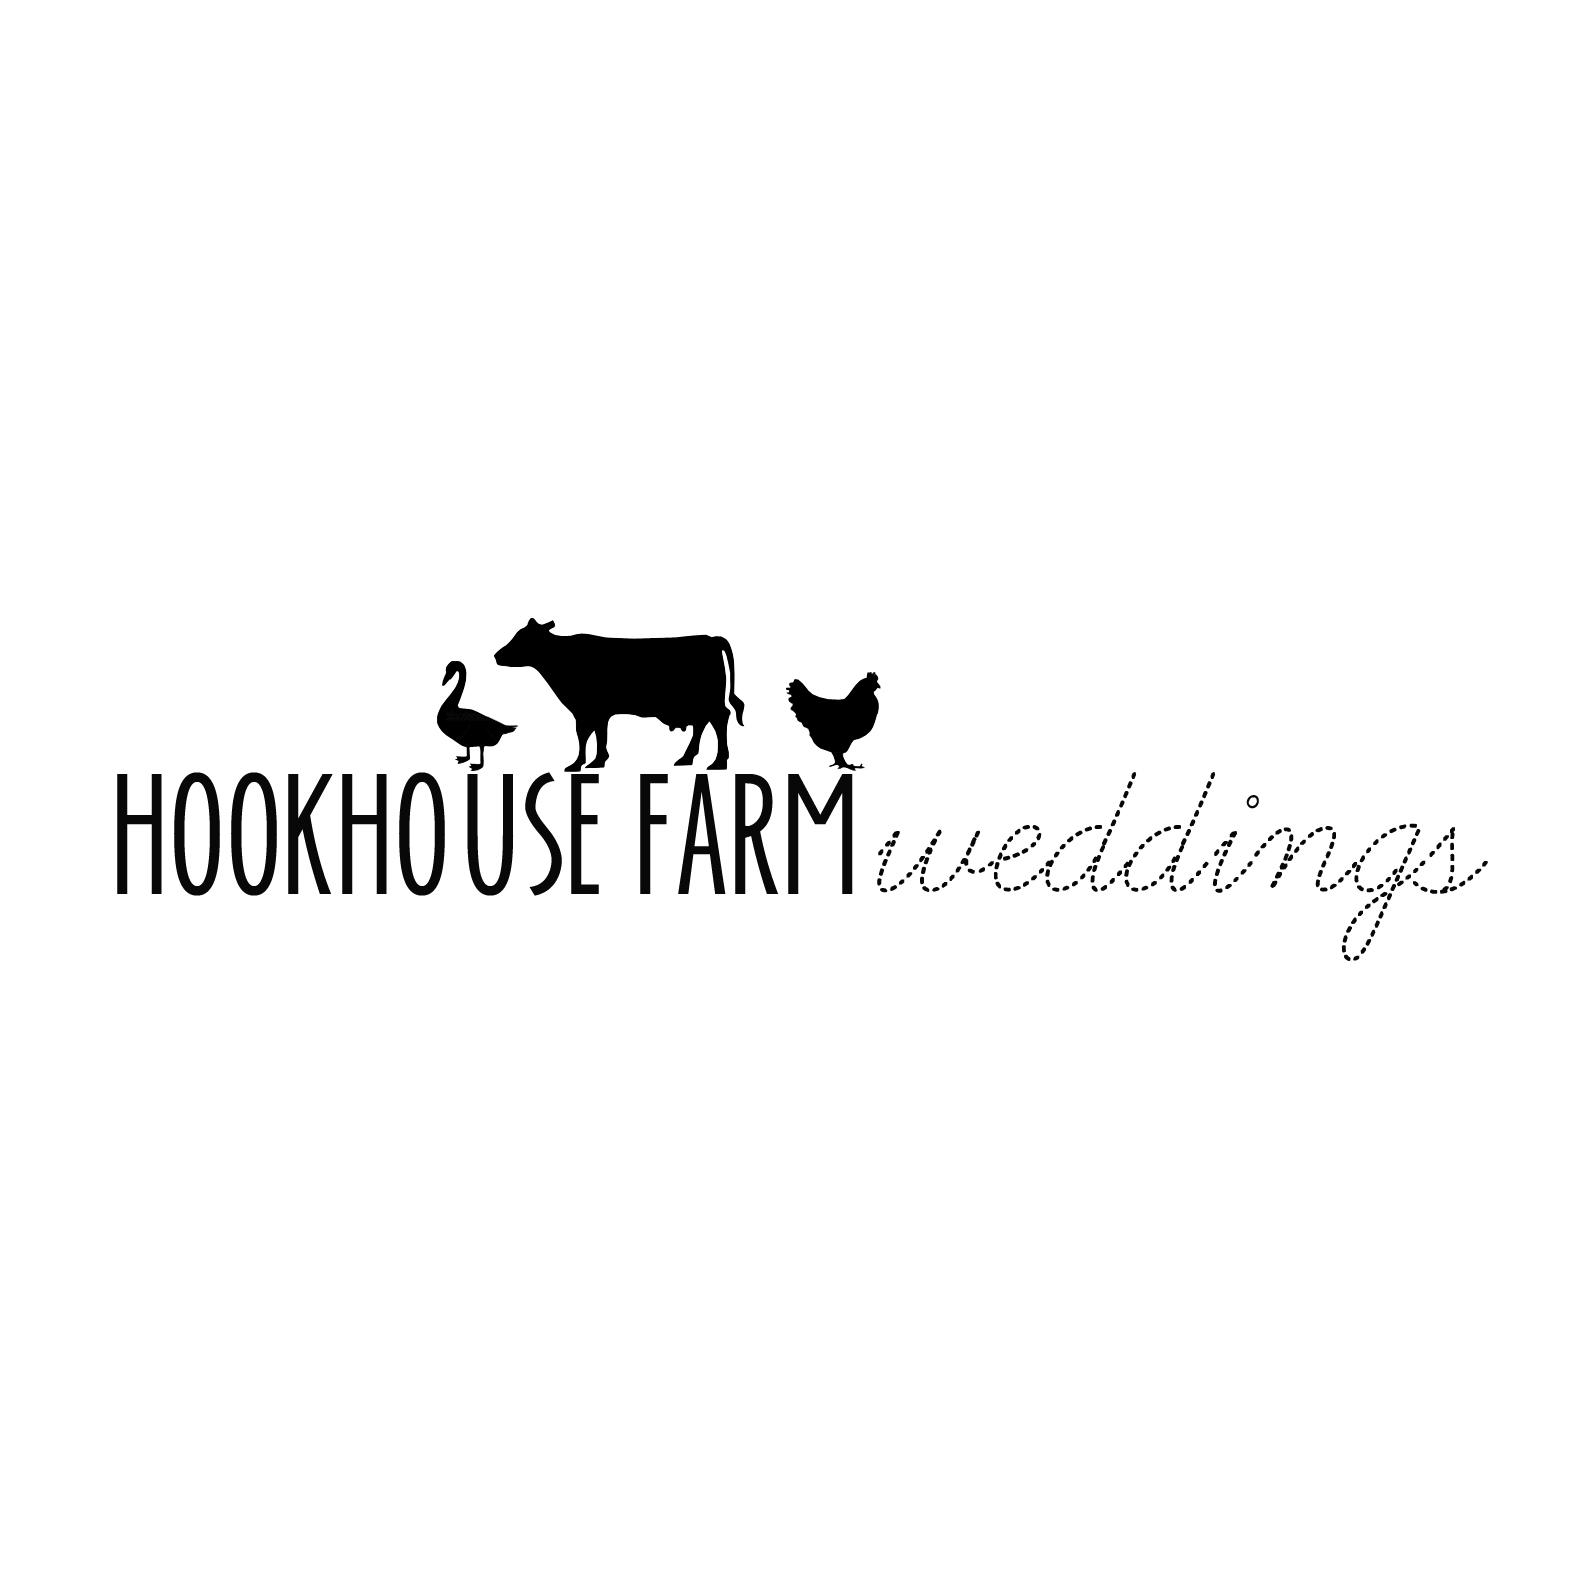 Hookhouse Farm